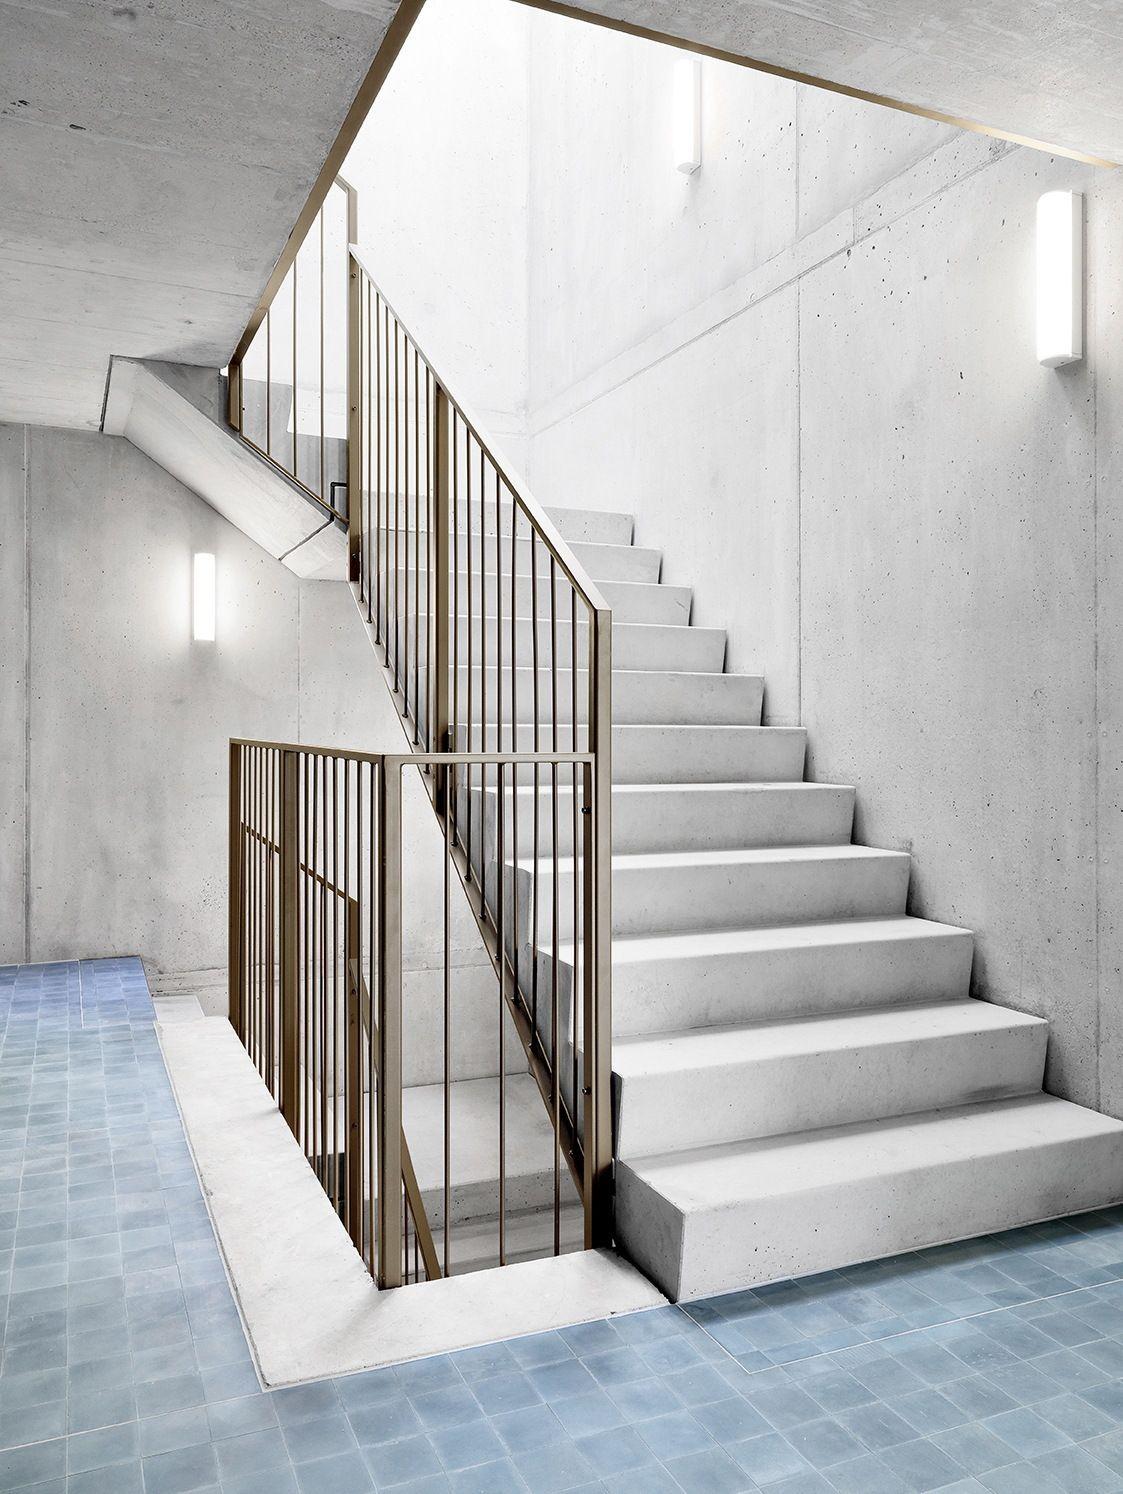 einfach wohnen apartmenthaus im kanton z rich architecture interior pinterest treppe. Black Bedroom Furniture Sets. Home Design Ideas